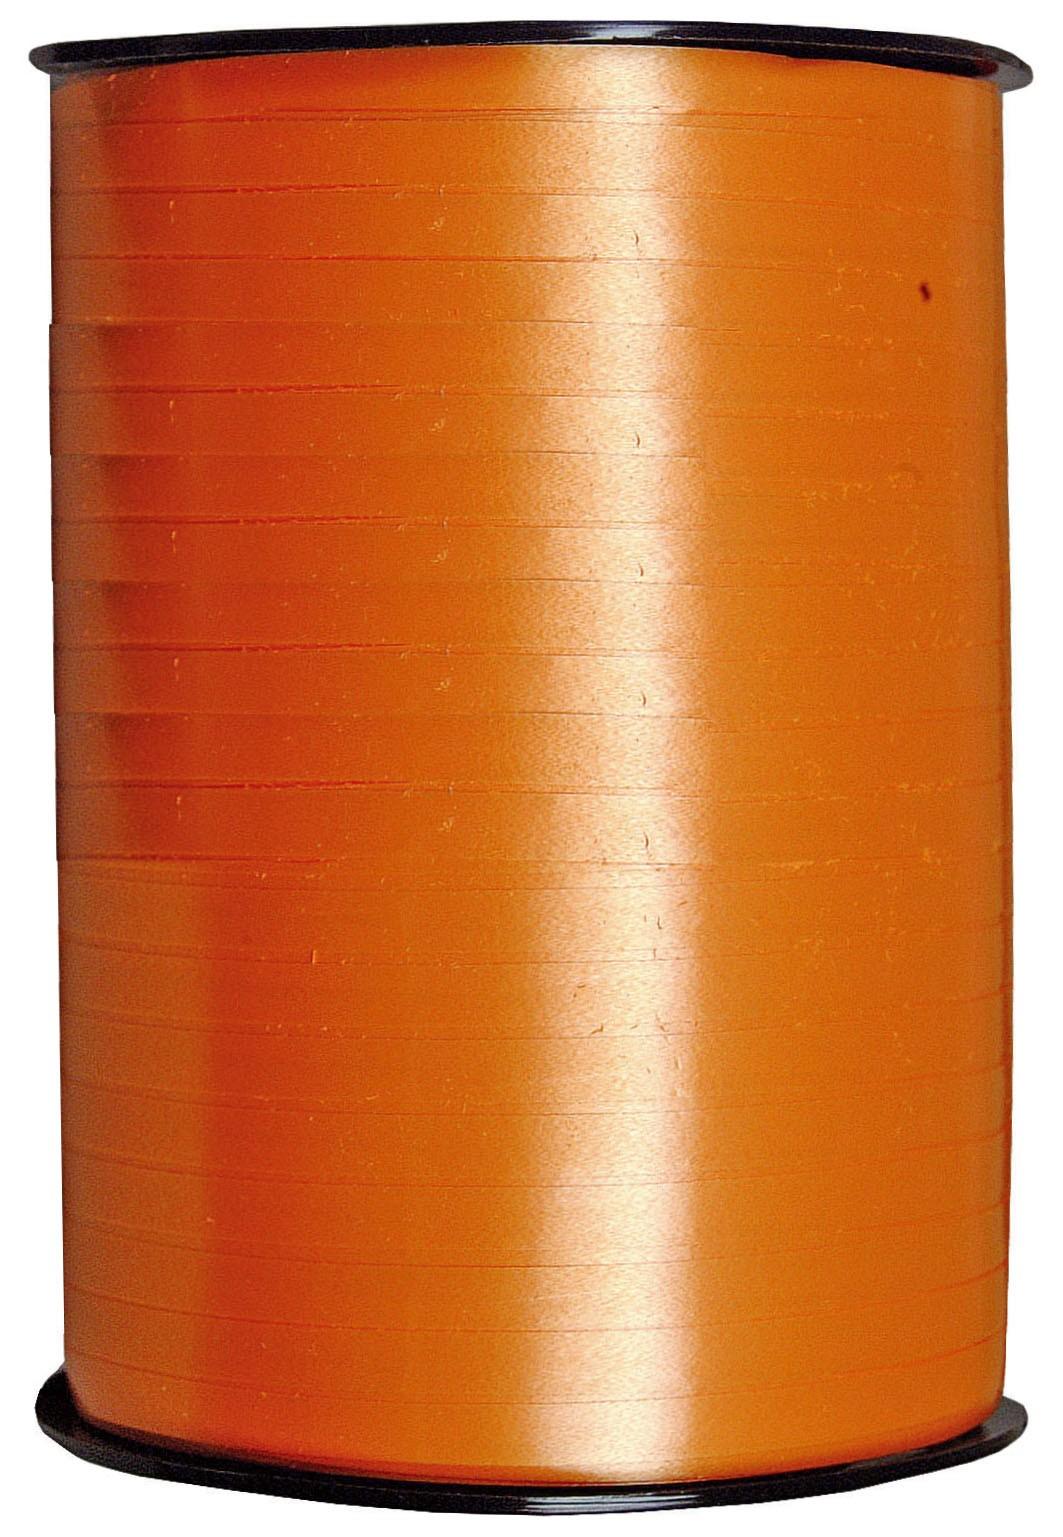 Nastro regalo poliestre - arancione